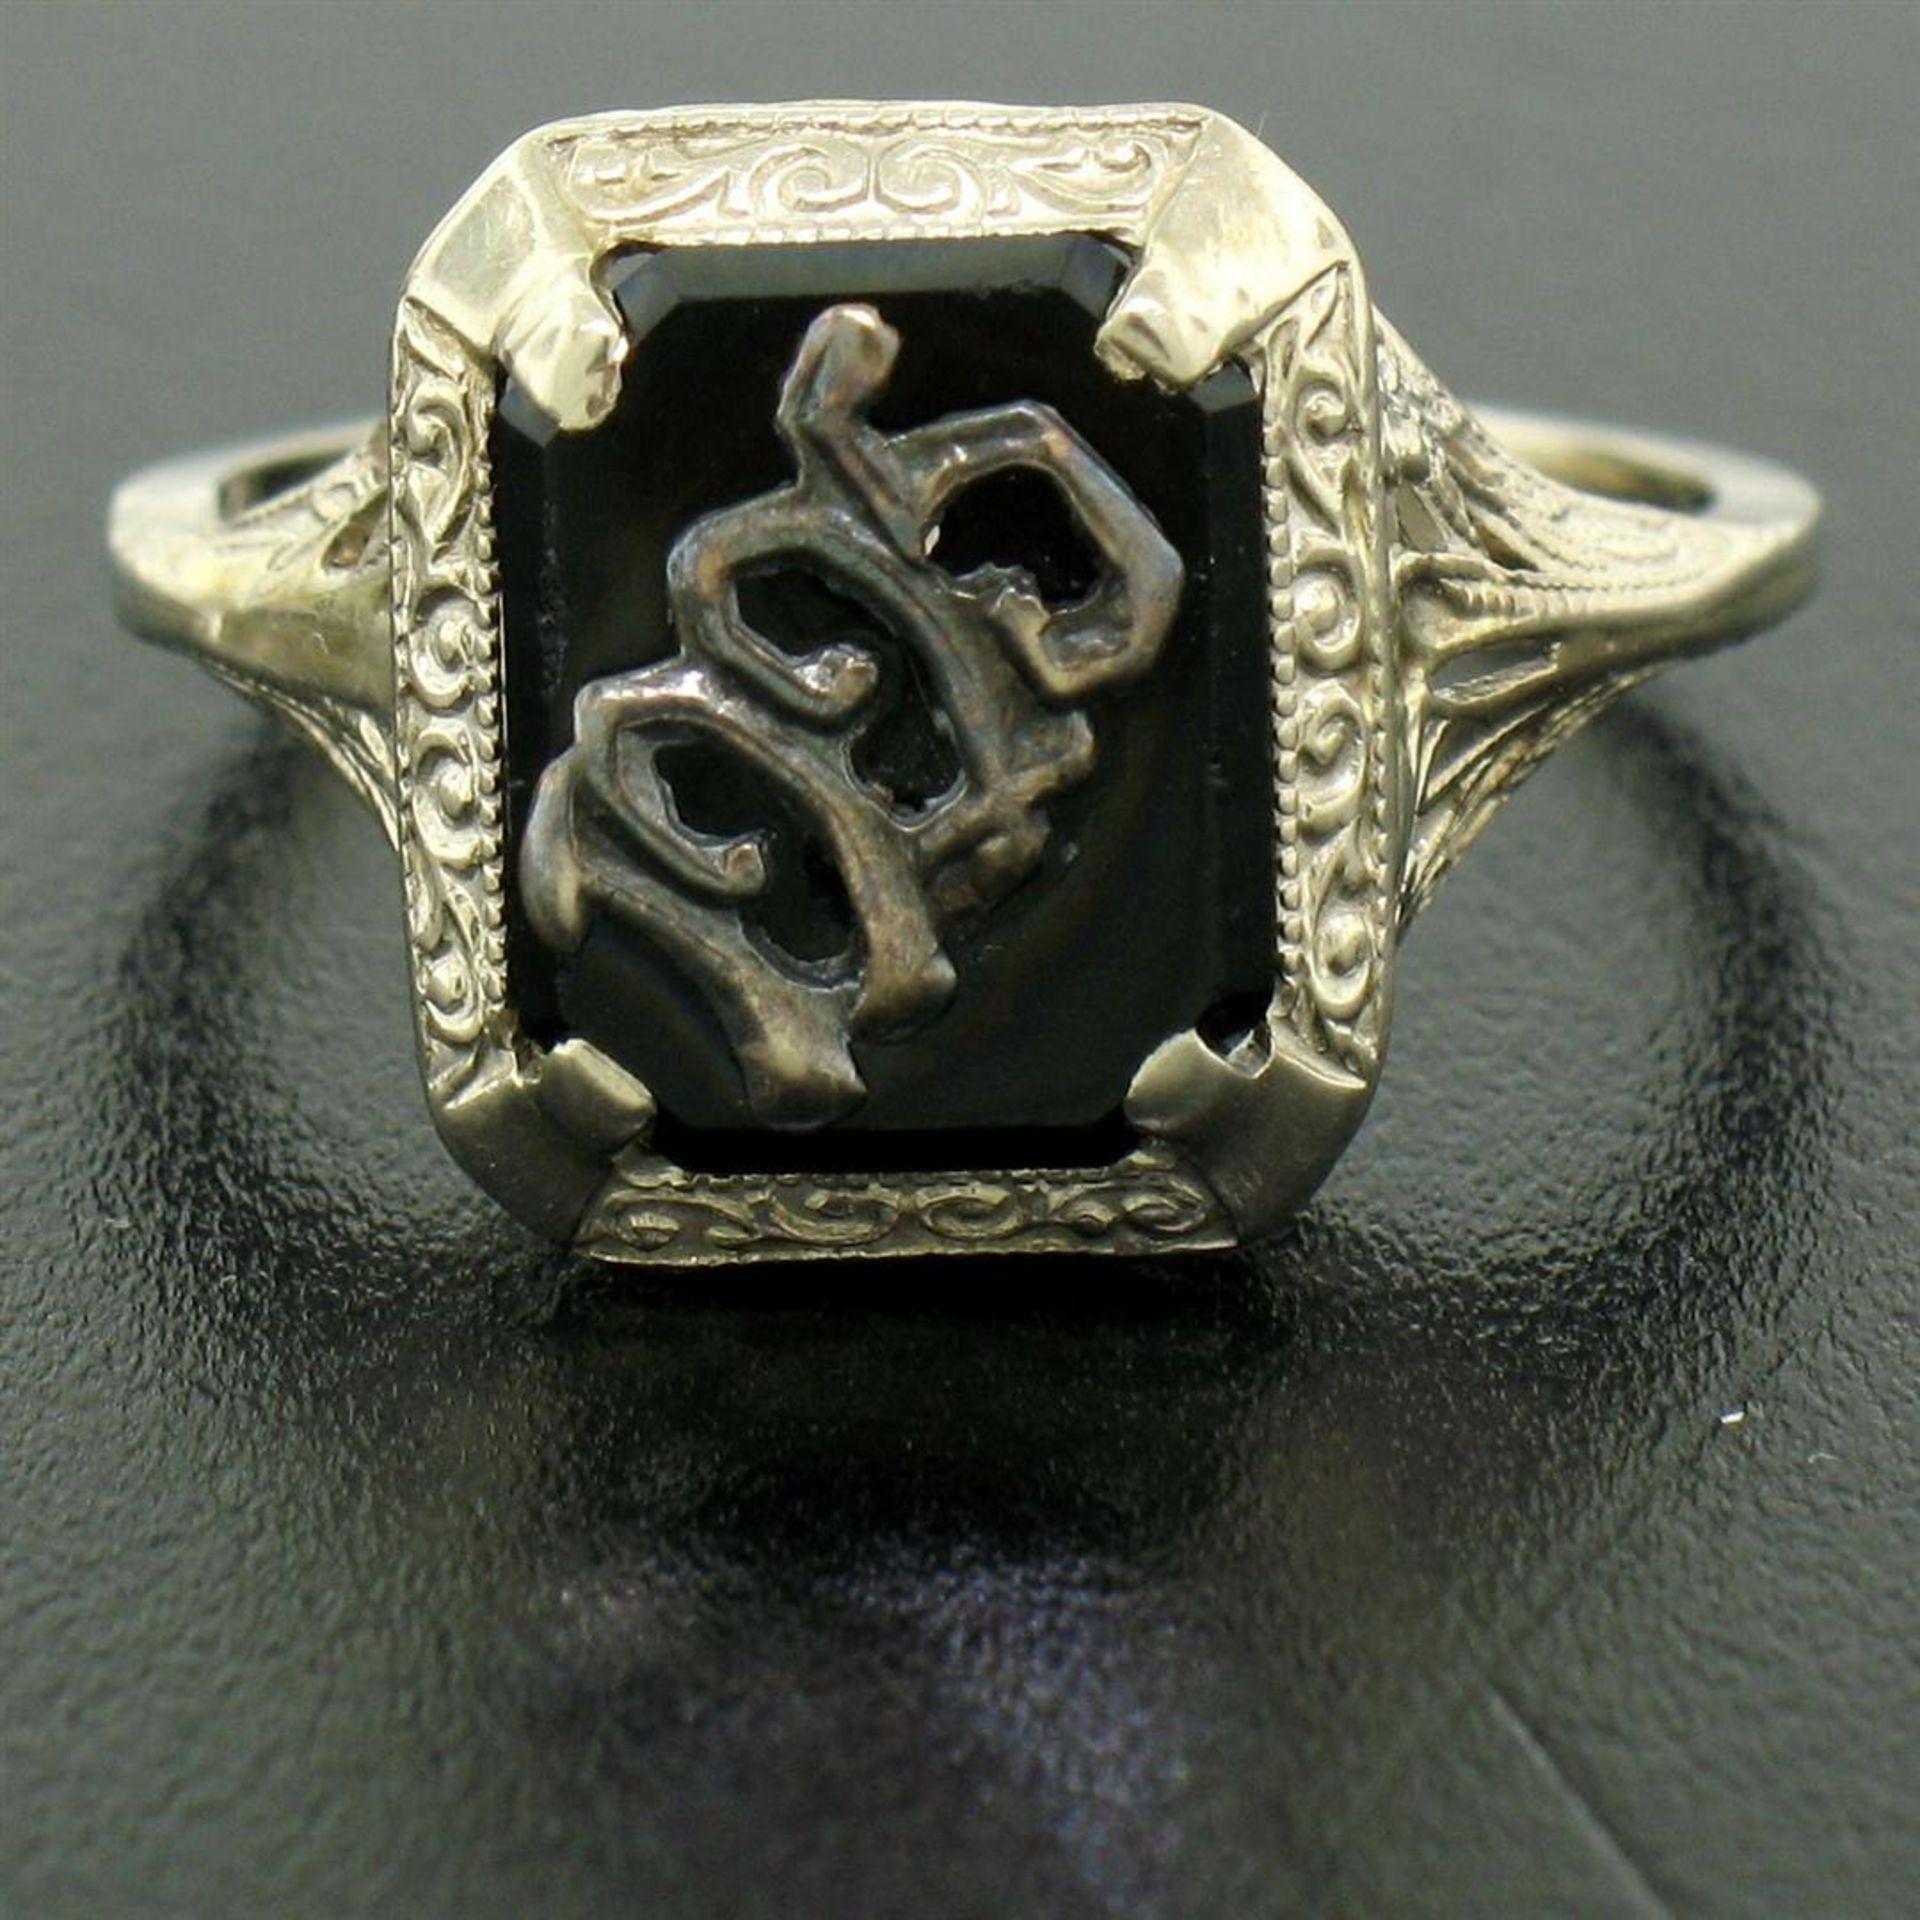 1925 14k White Gold Prong Set Black Onyx Filigree Dinner Ring - Image 6 of 8